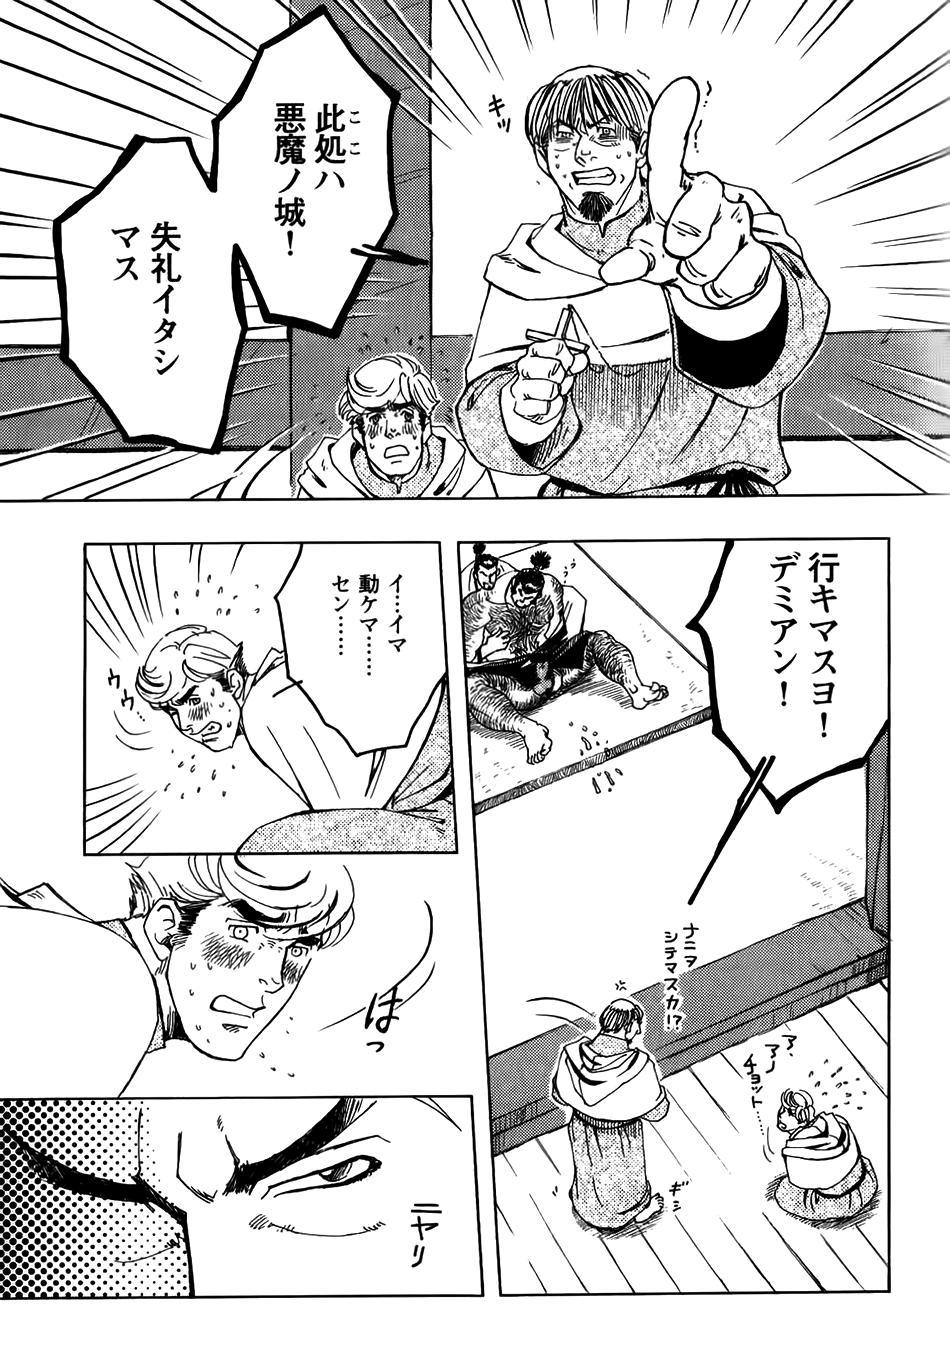 Nobunaga's lotion man 11